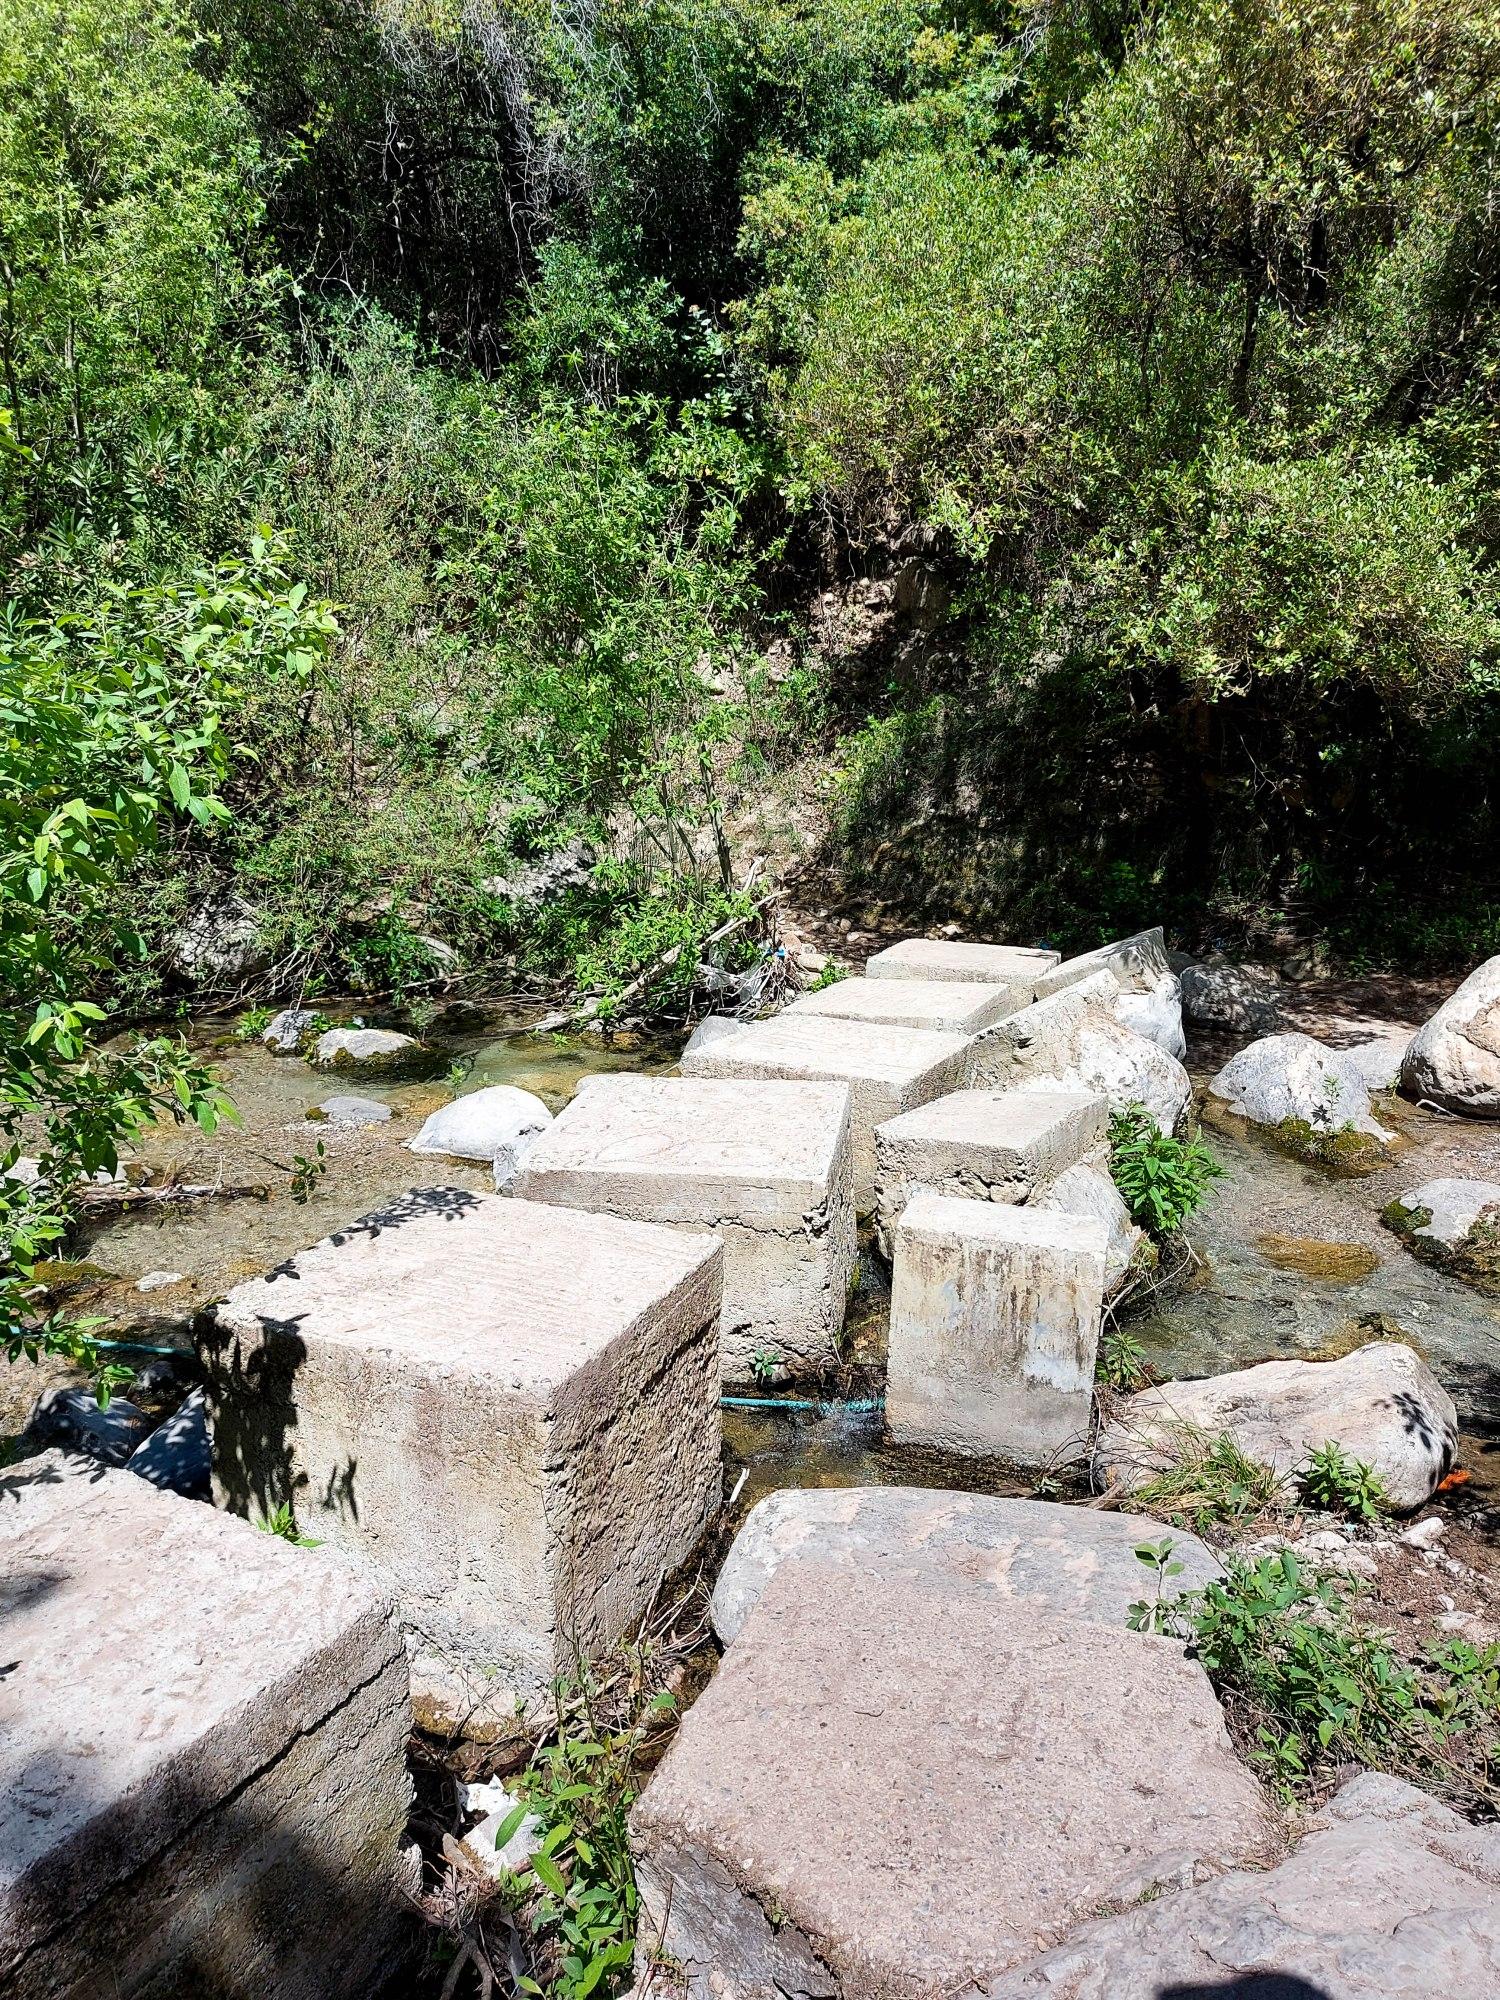 De gros bloc de pierre sont disposé côte à côte pour permettre au randonneur de traverser le ruisseau